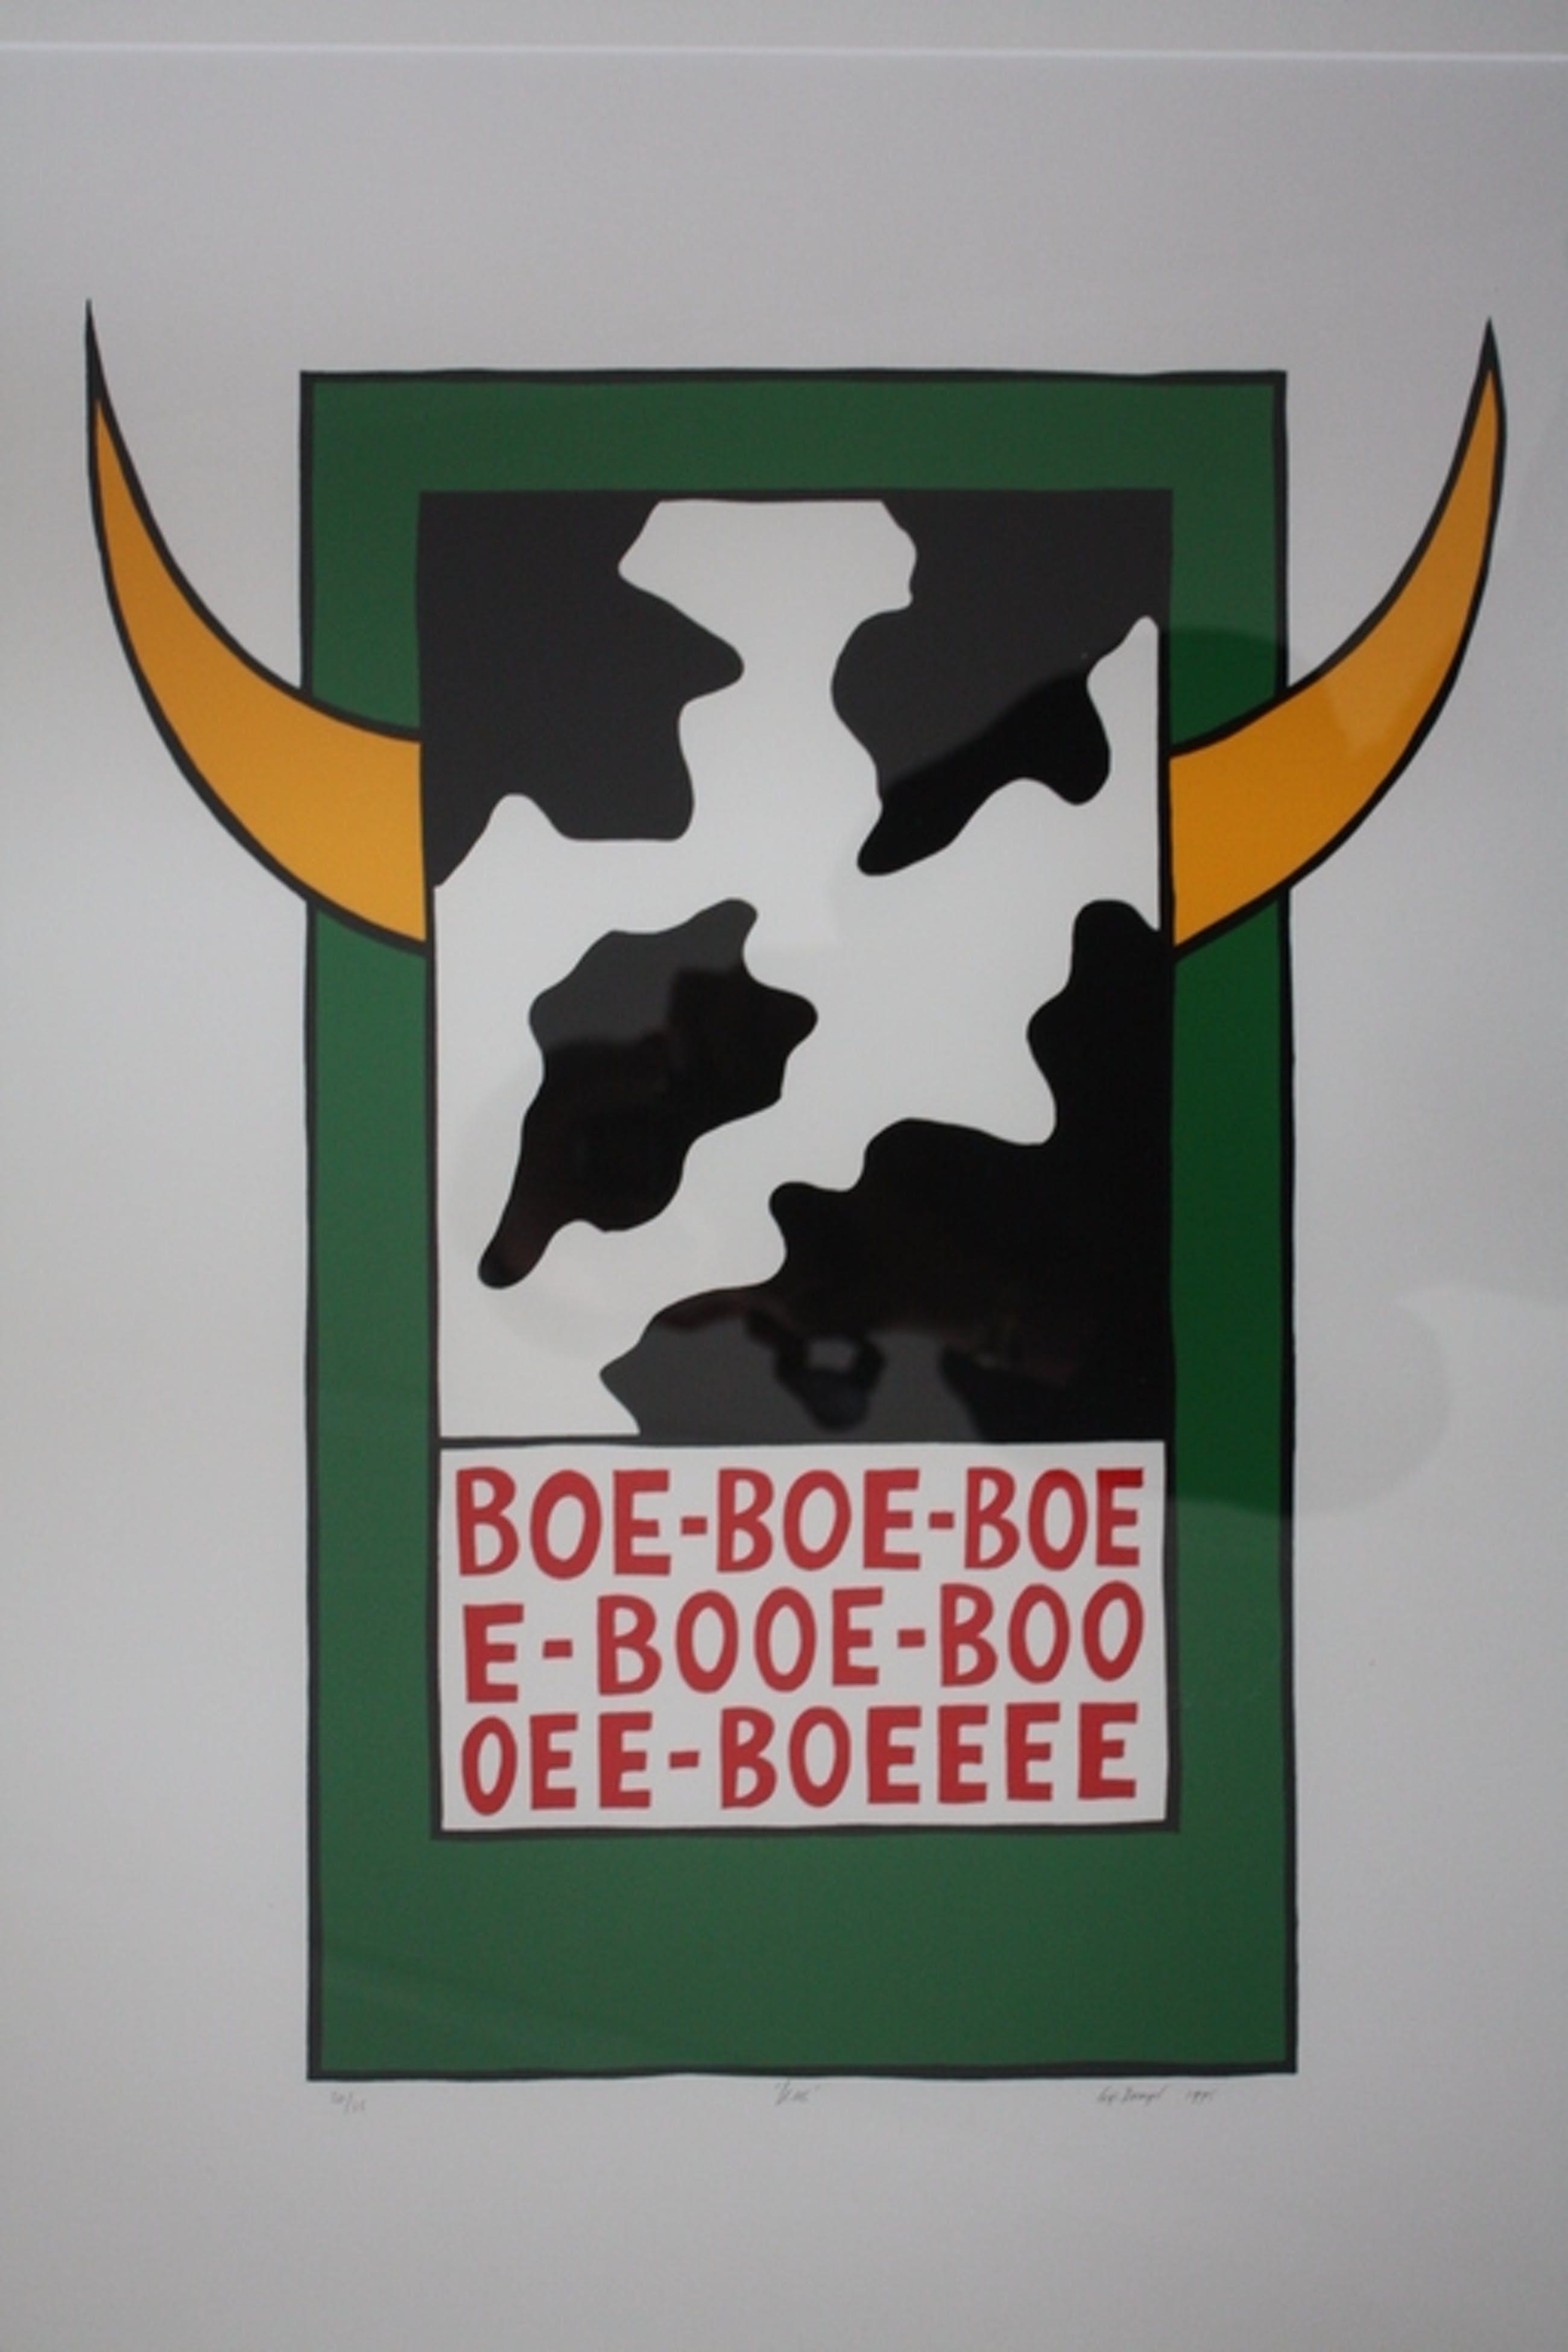 Gijs Dragt - Koe Boe Boe Boe - Zeefdruk uit 1995 kopen? Bied vanaf 200!